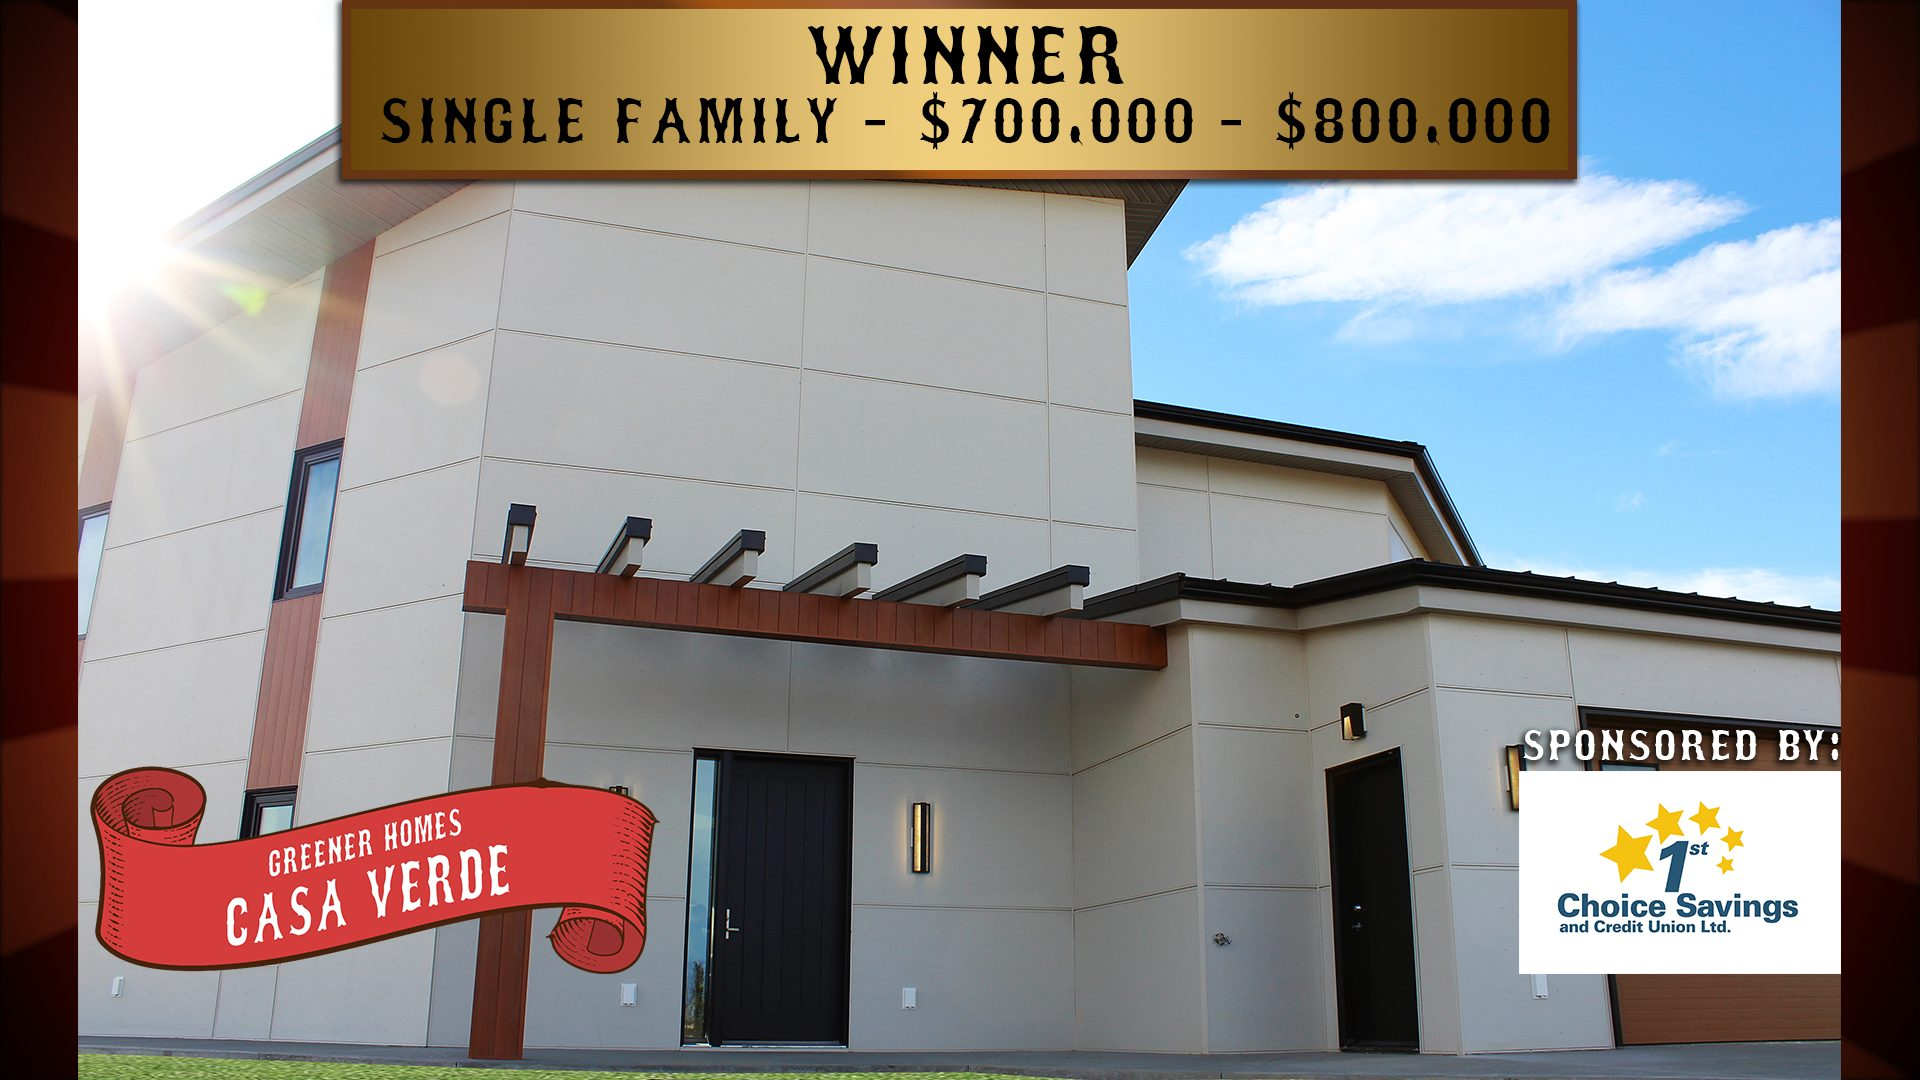 WIN_SF-700-800